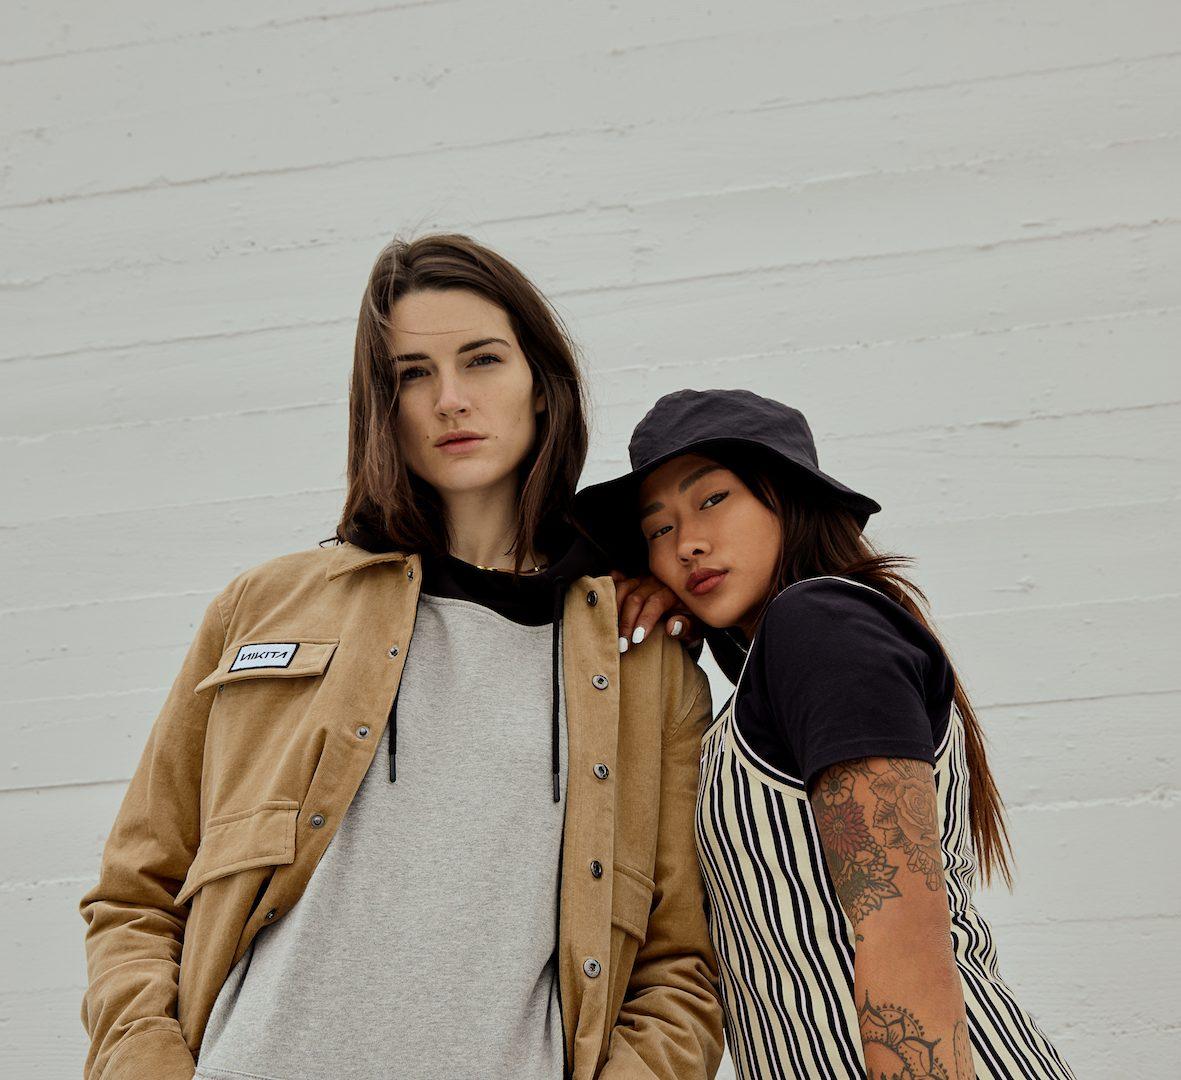 Nikita SS20 Women's Streetwear Preview